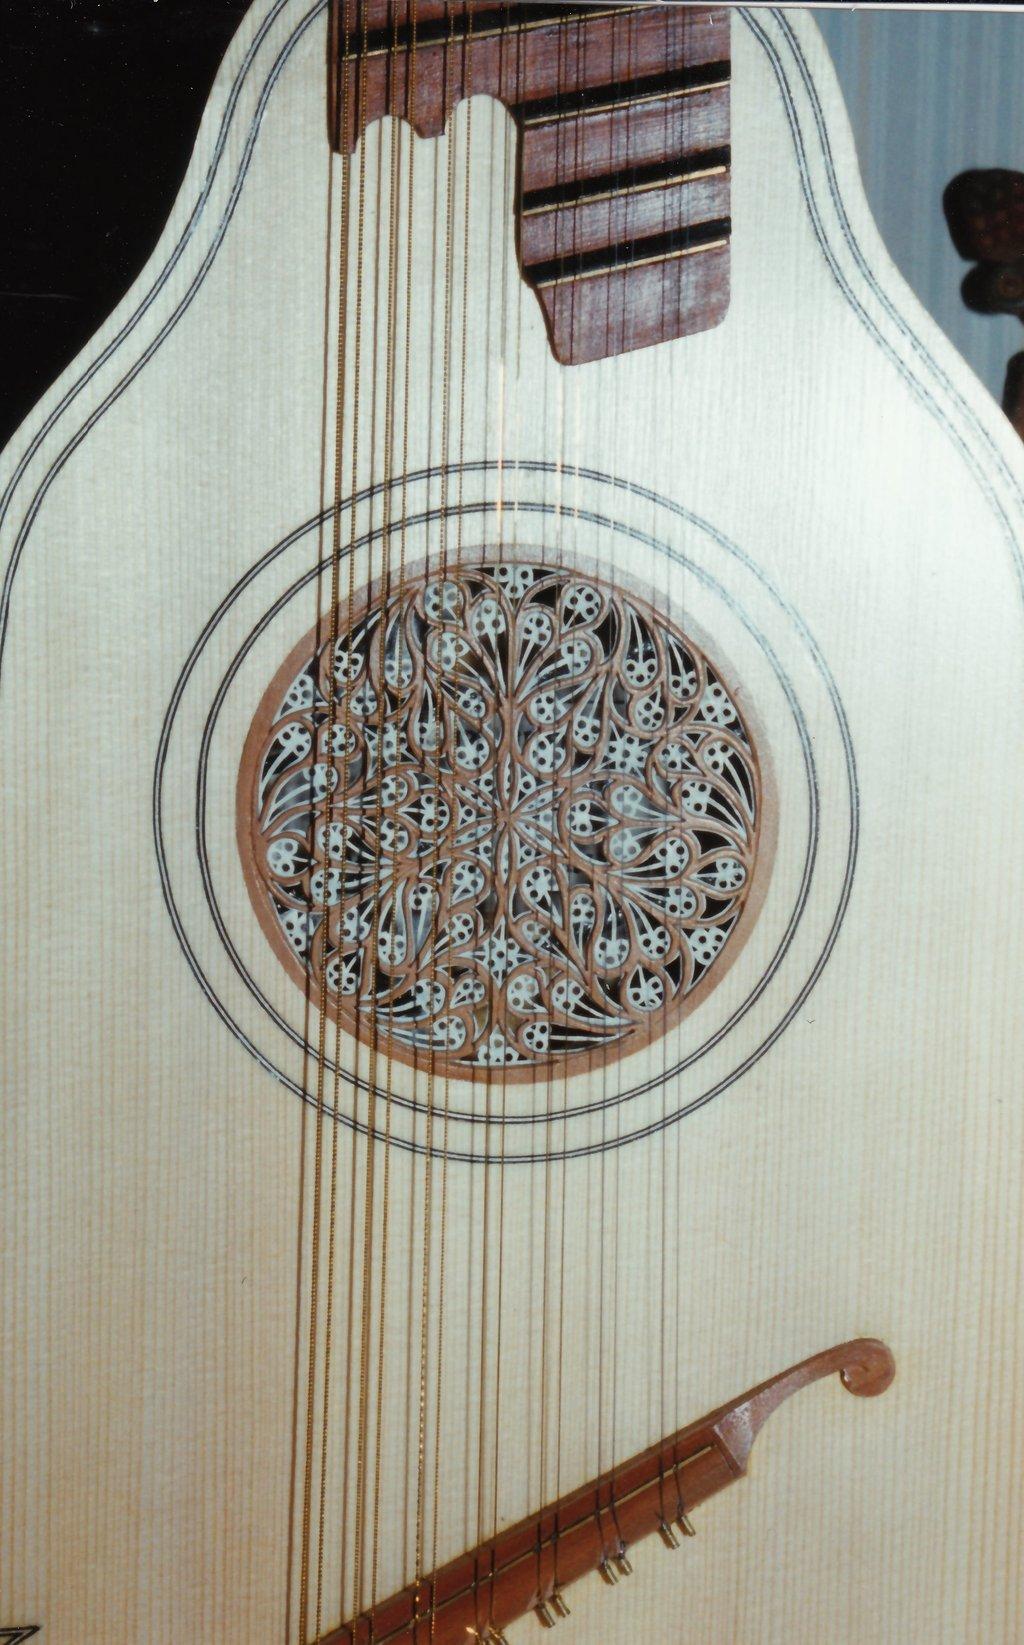 Fabrication d'instruments de musique anciens de bgire - Page 2 XLr6Ib-1994-Orpharion-60